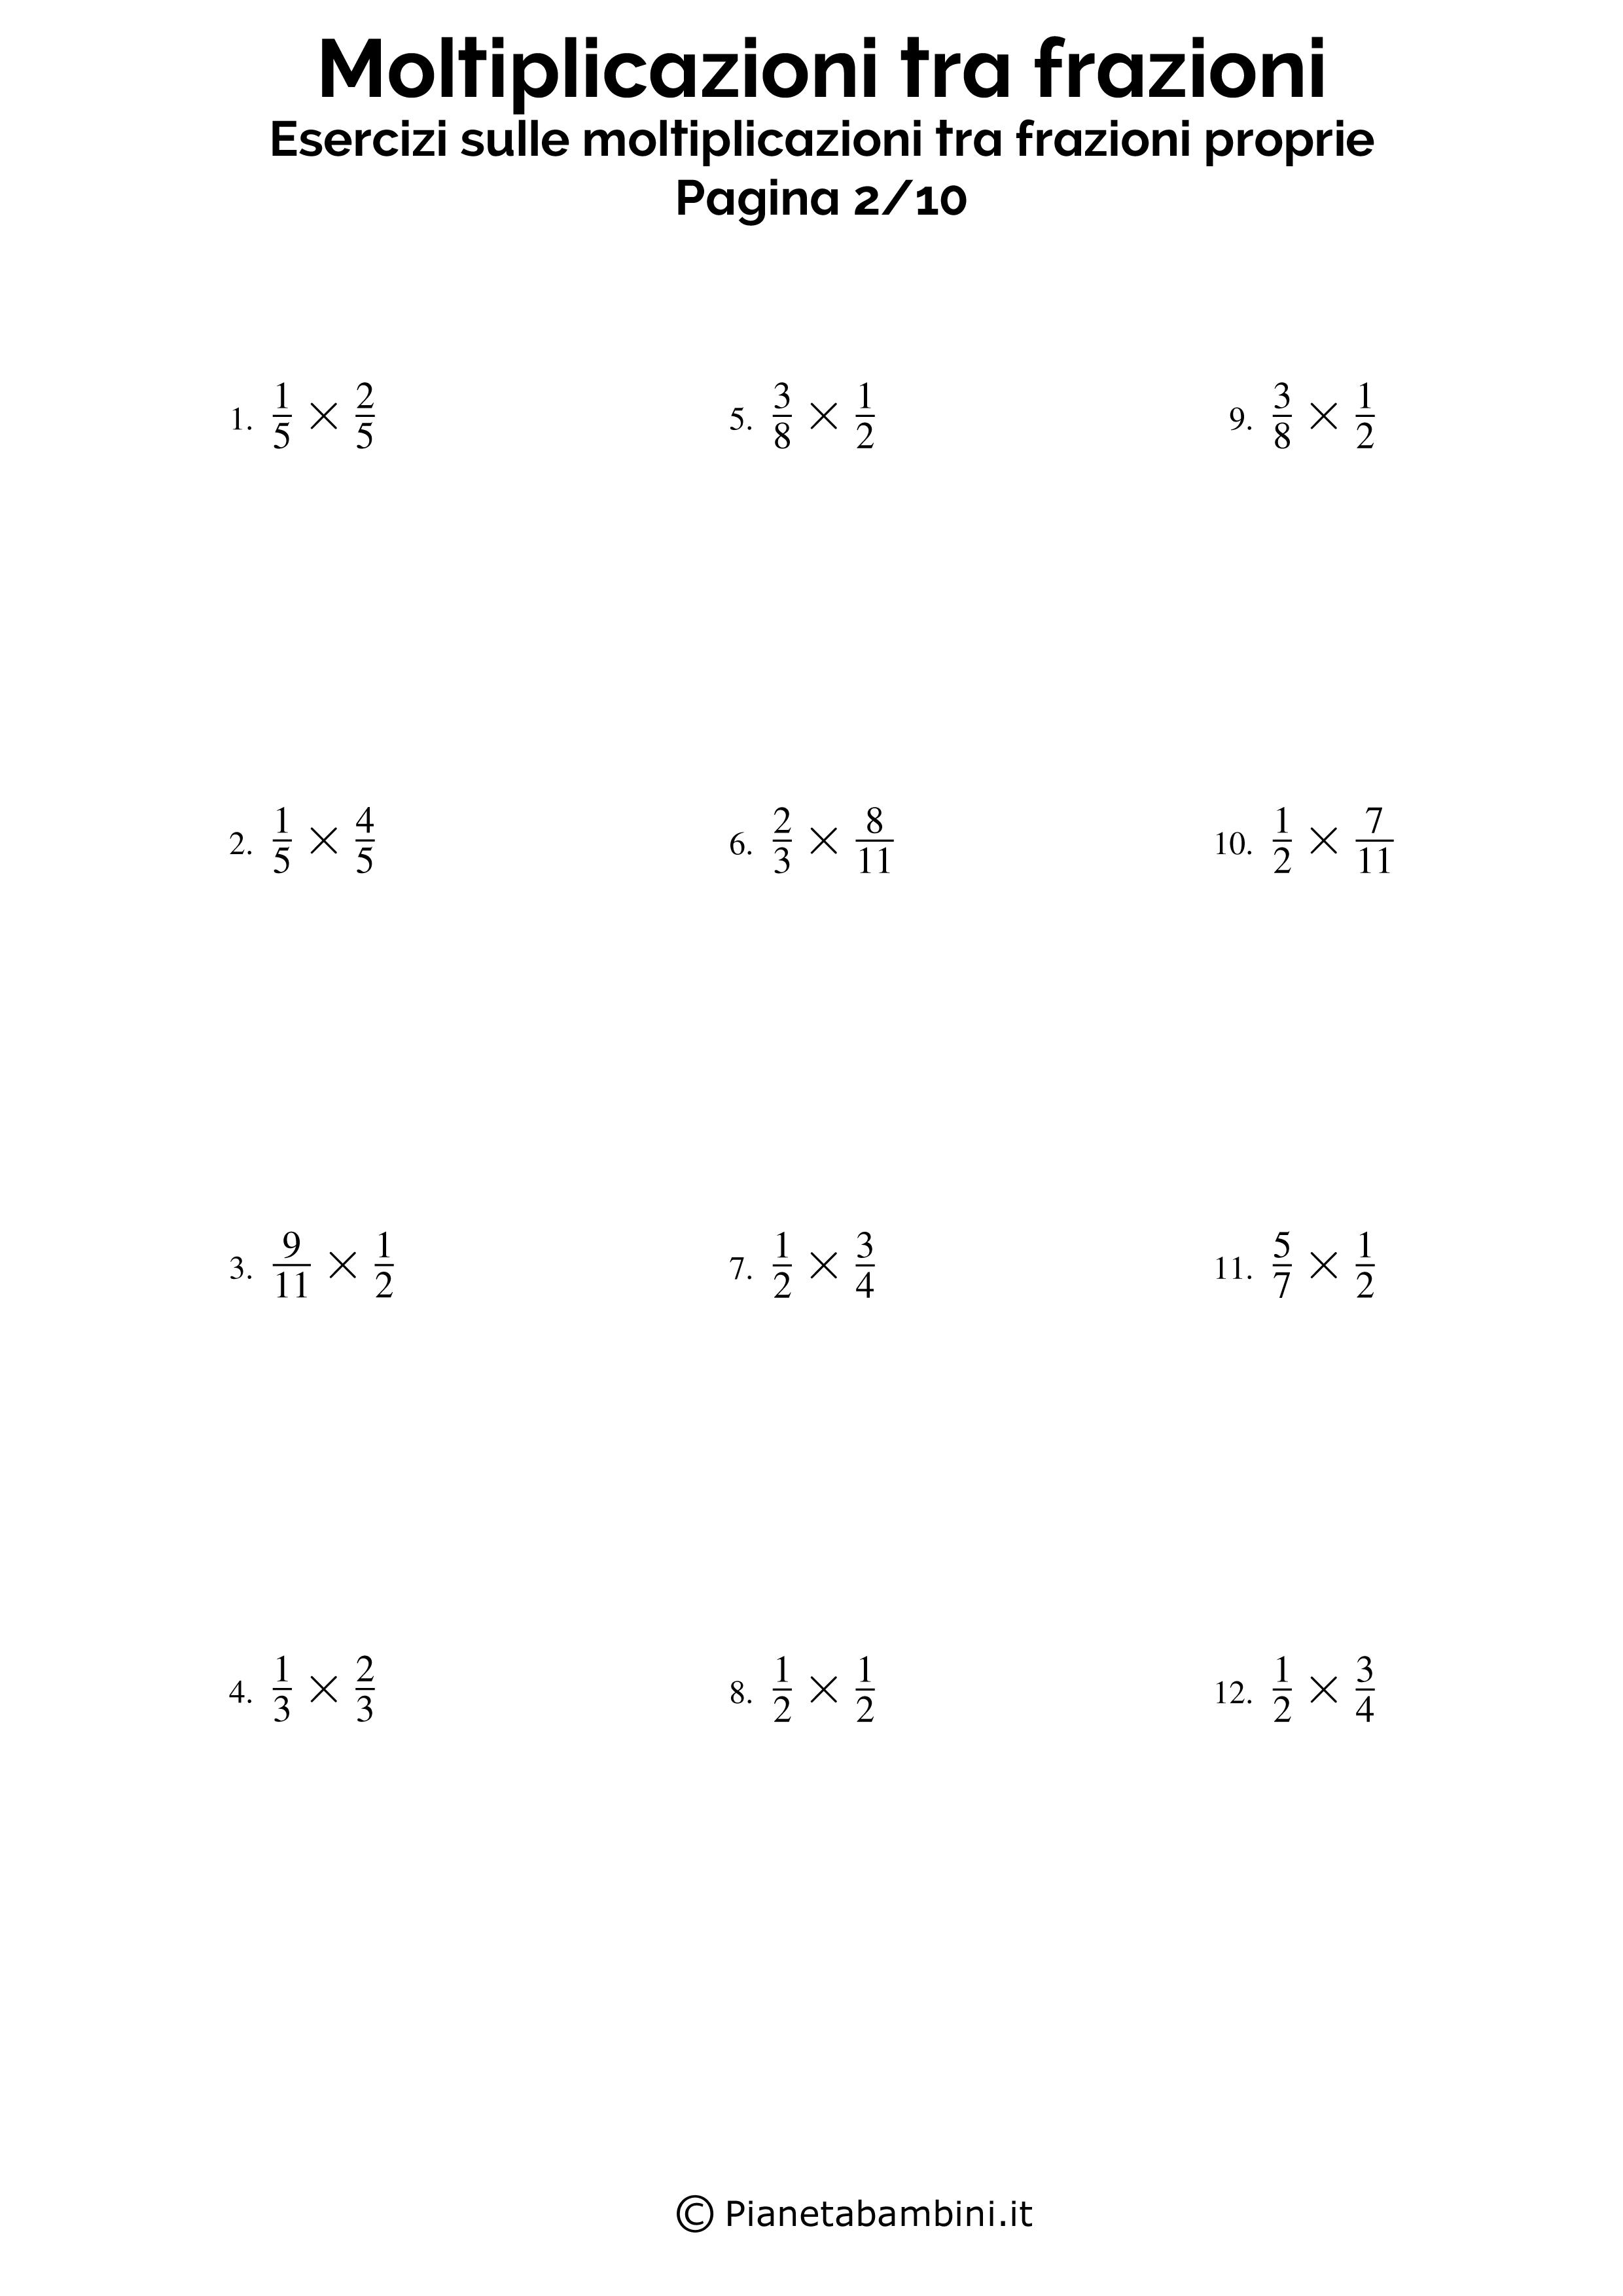 Moltiplicazioni-Frazioni-Proprie_02